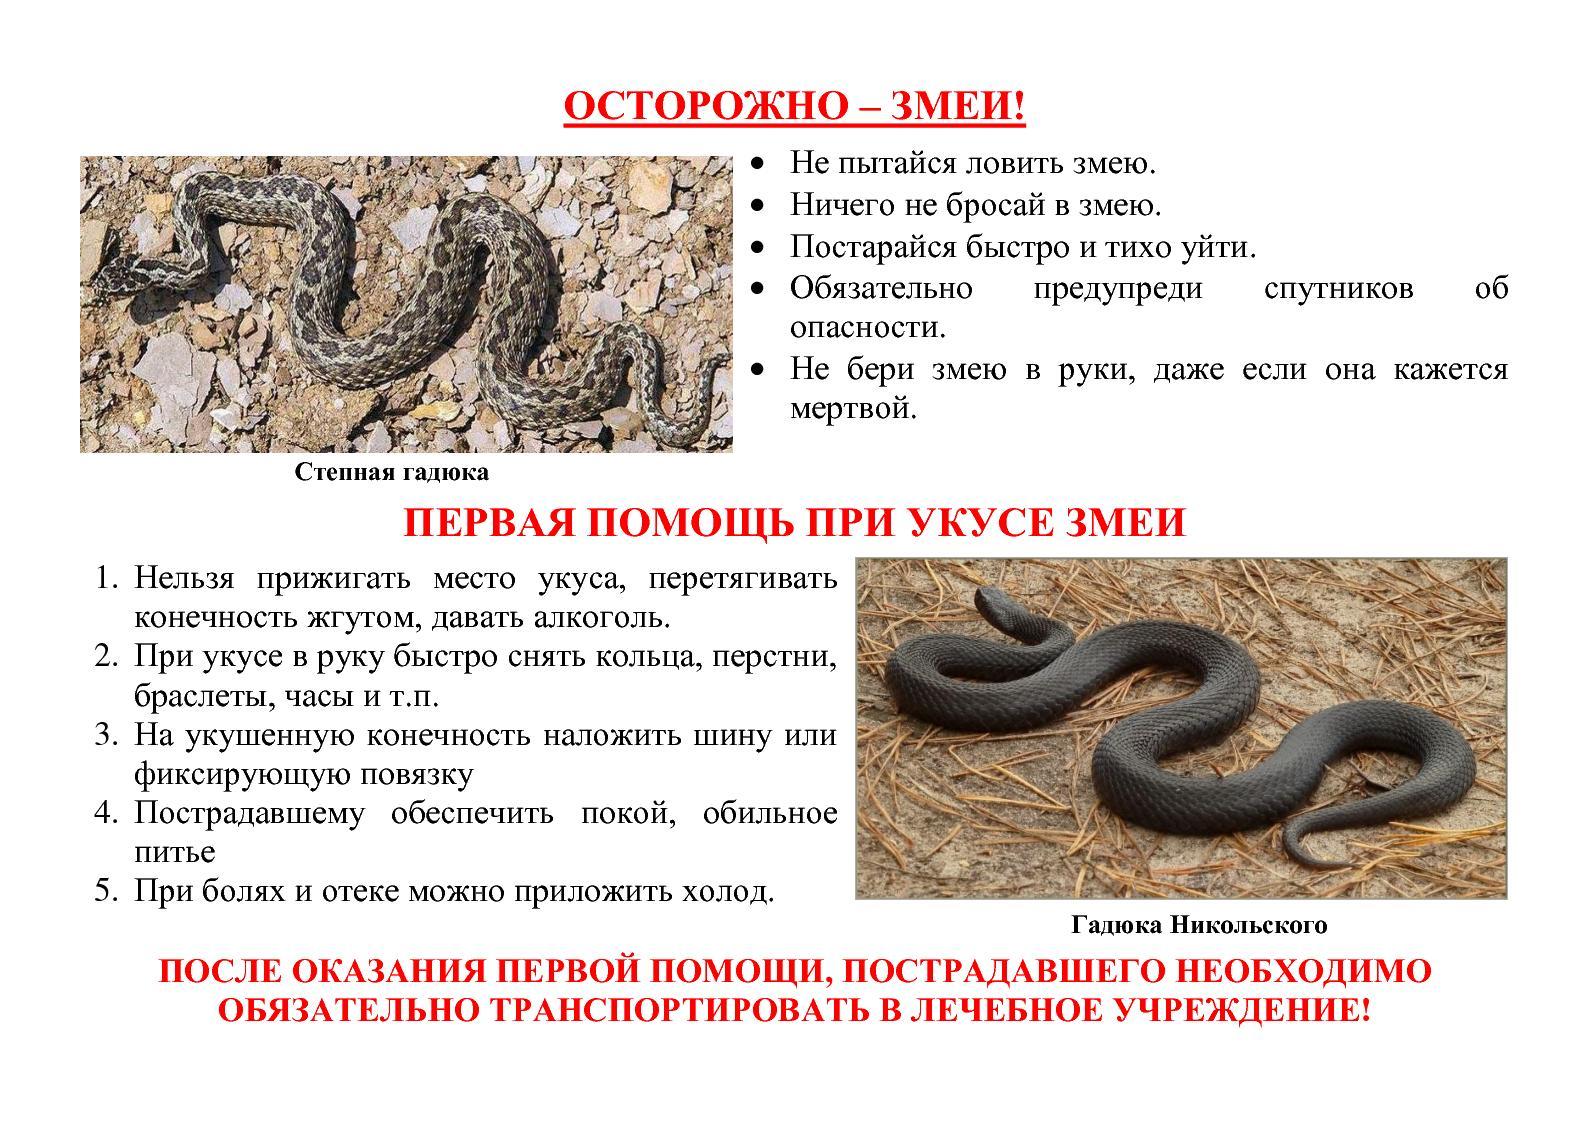 Если укусила змея: что делать, первая помощь при укусе змеи